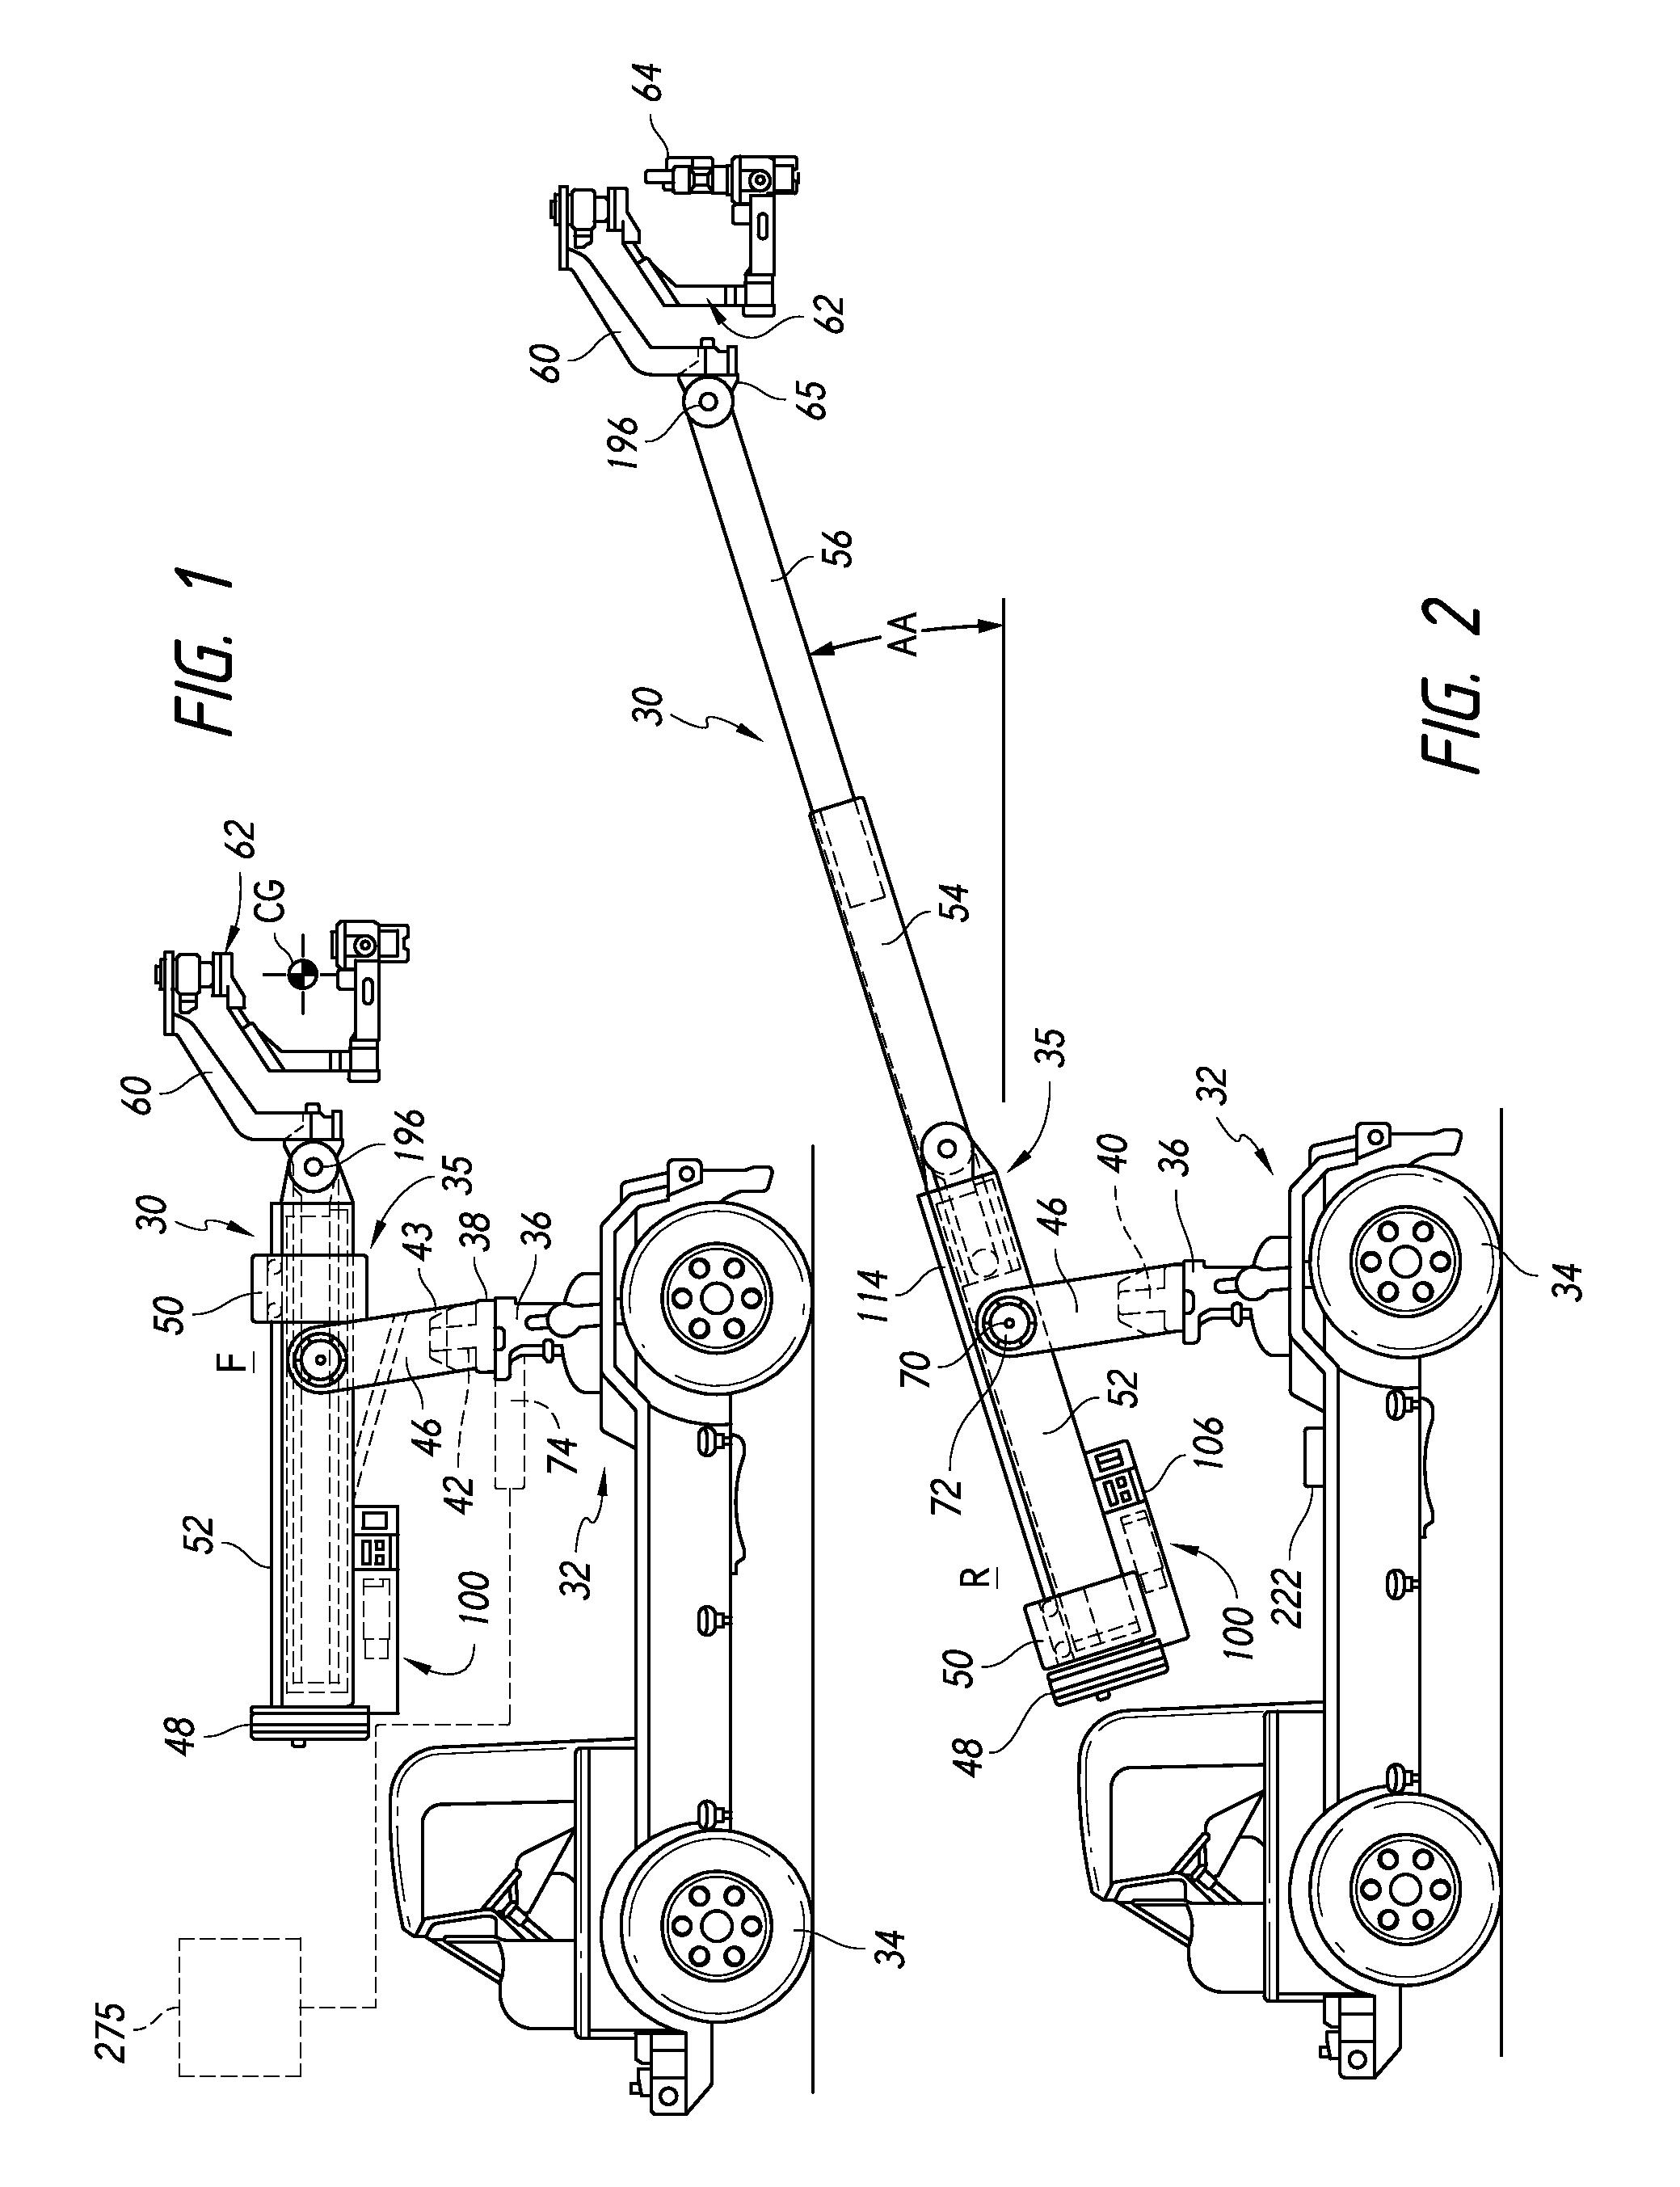 patent us8403486